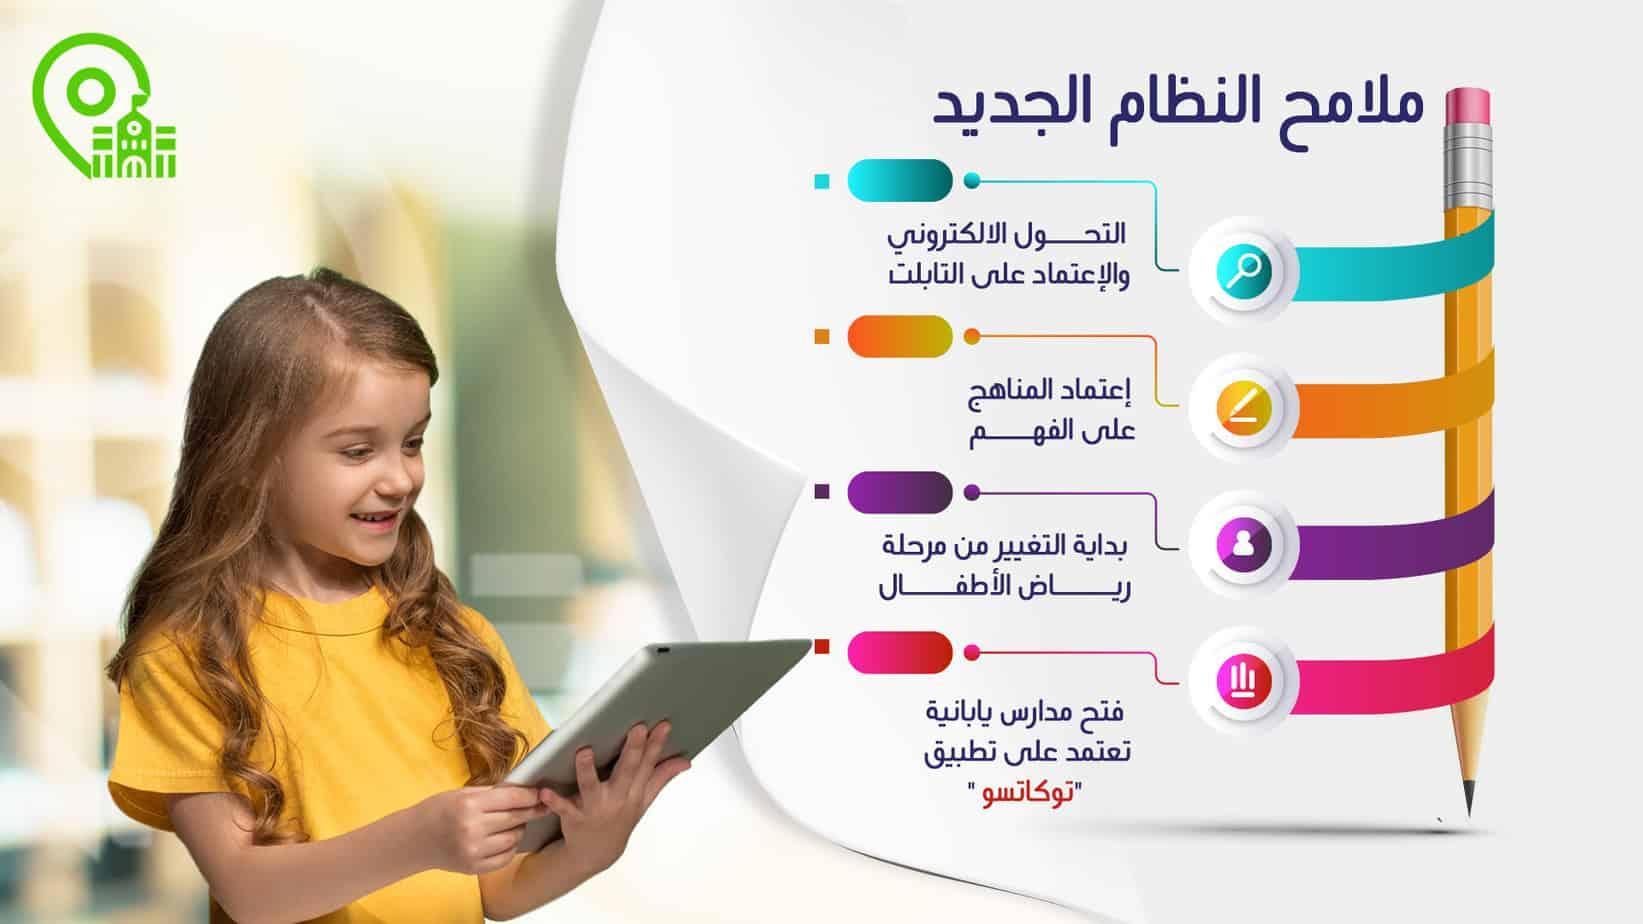 ملامح نظام التعليم الجديد